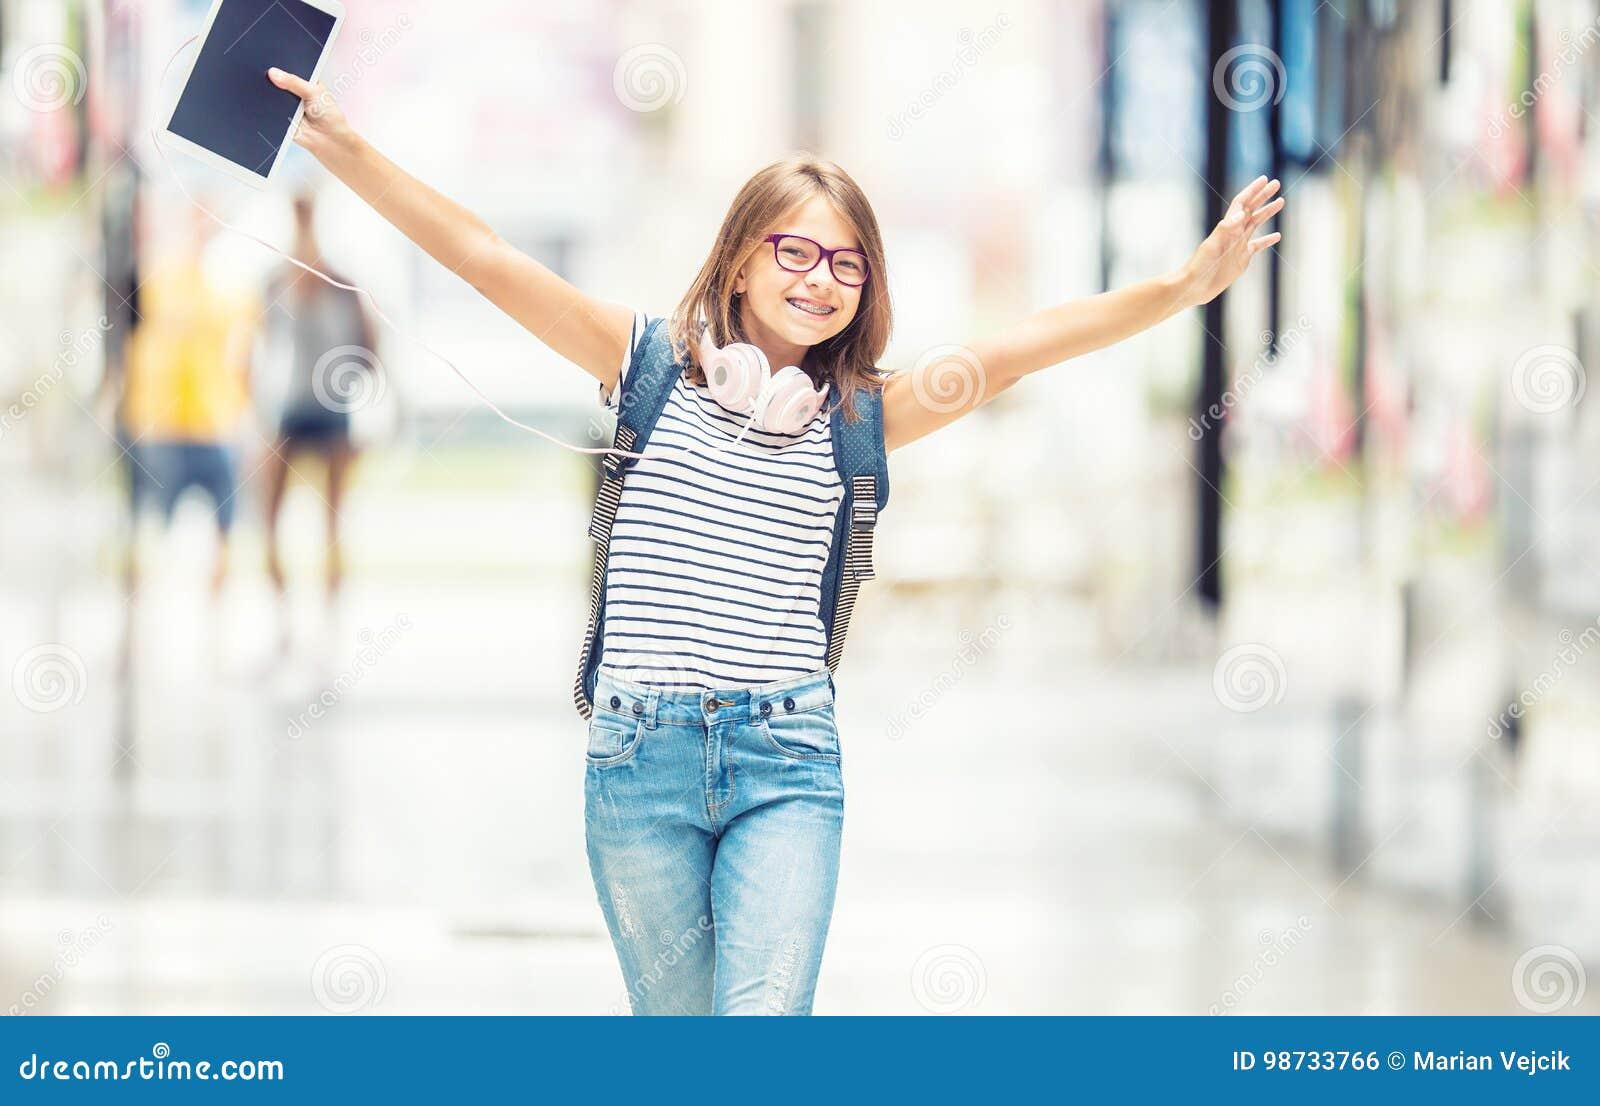 Écolière avec le sac, sac à dos Portrait de fille de l adolescence heureuse moderne d école avec les écouteurs et le comprimé de